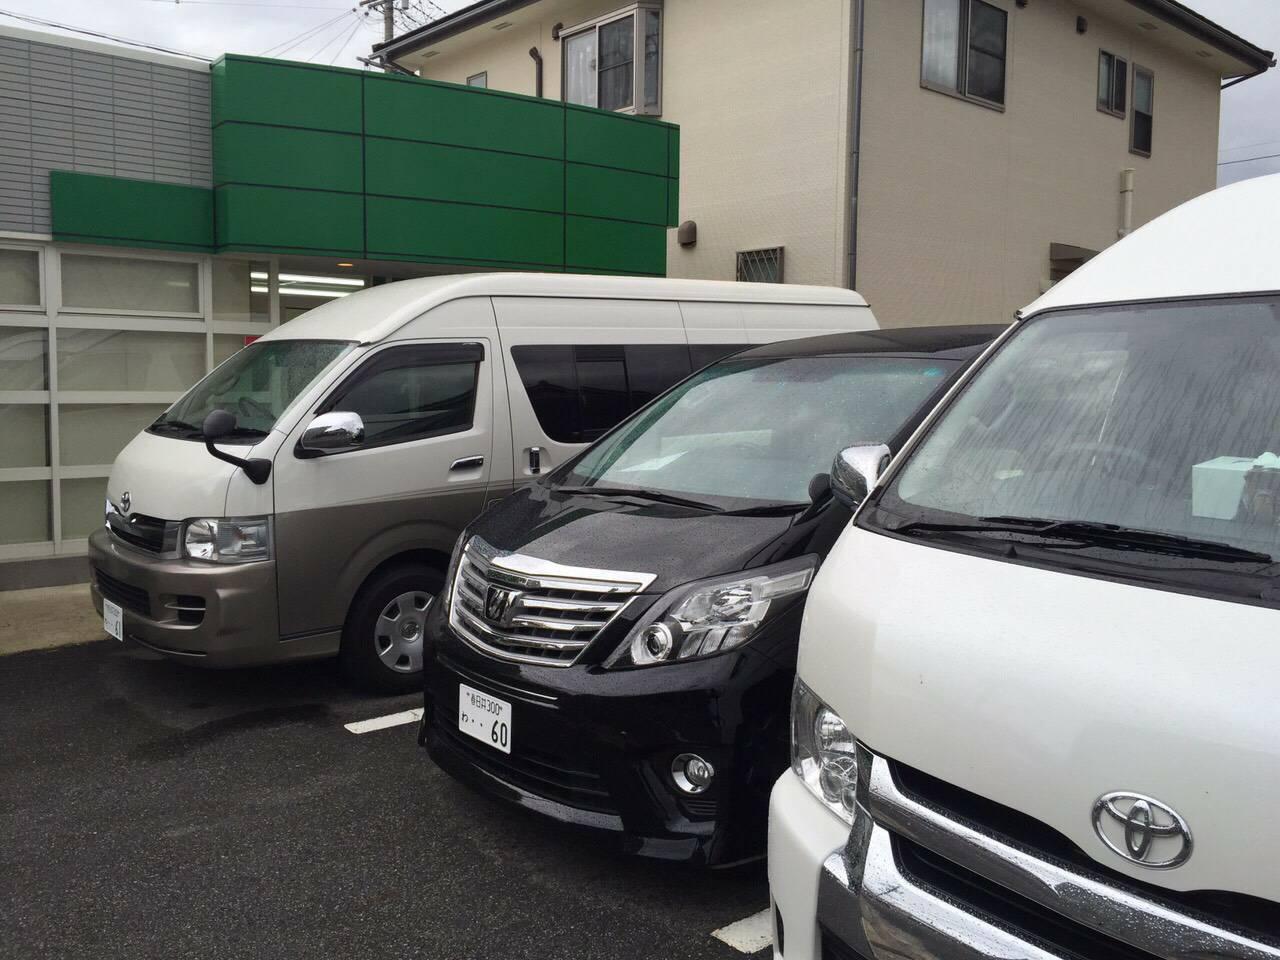 บริการรถตู้นำเที่ยวในประเทศญี่ปุ่น เที่ยวญี่ปุ่นให้สุดมันส์ กับ คุณกร เมืองเลยรถเช่า